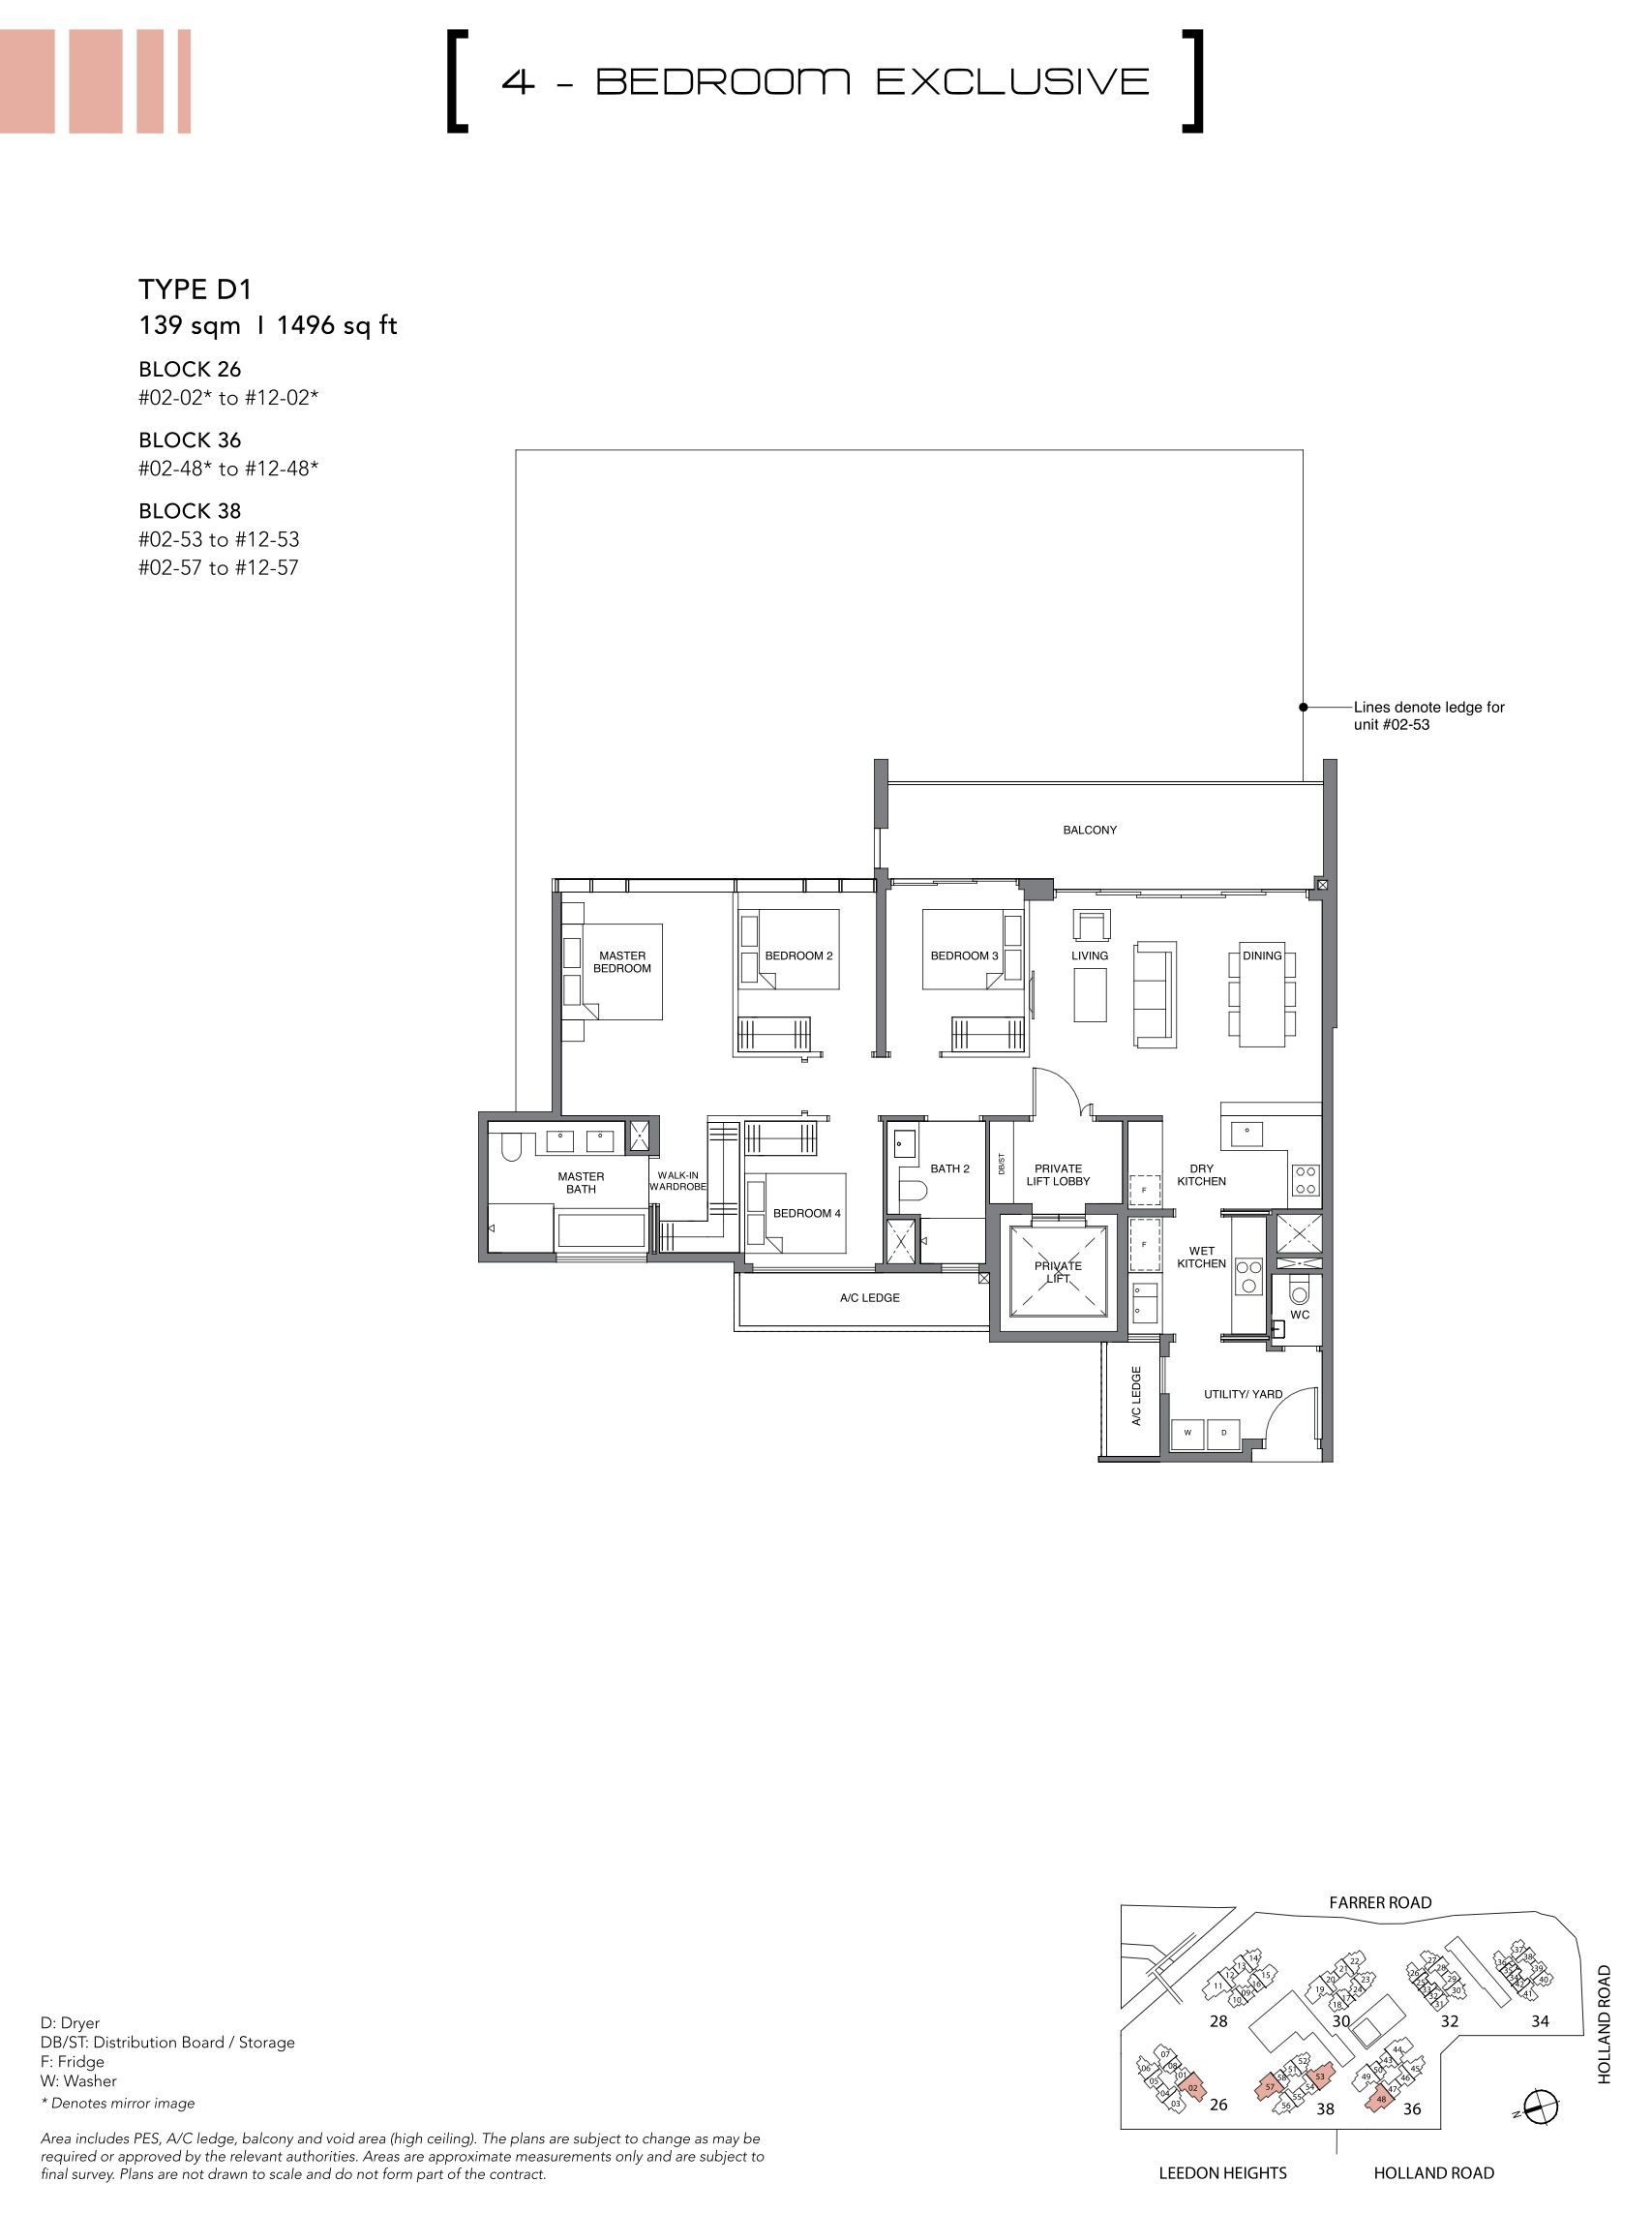 绿墩雅苑公寓户型图 Leedon Green floor plan 4 bedroom exclusive D1